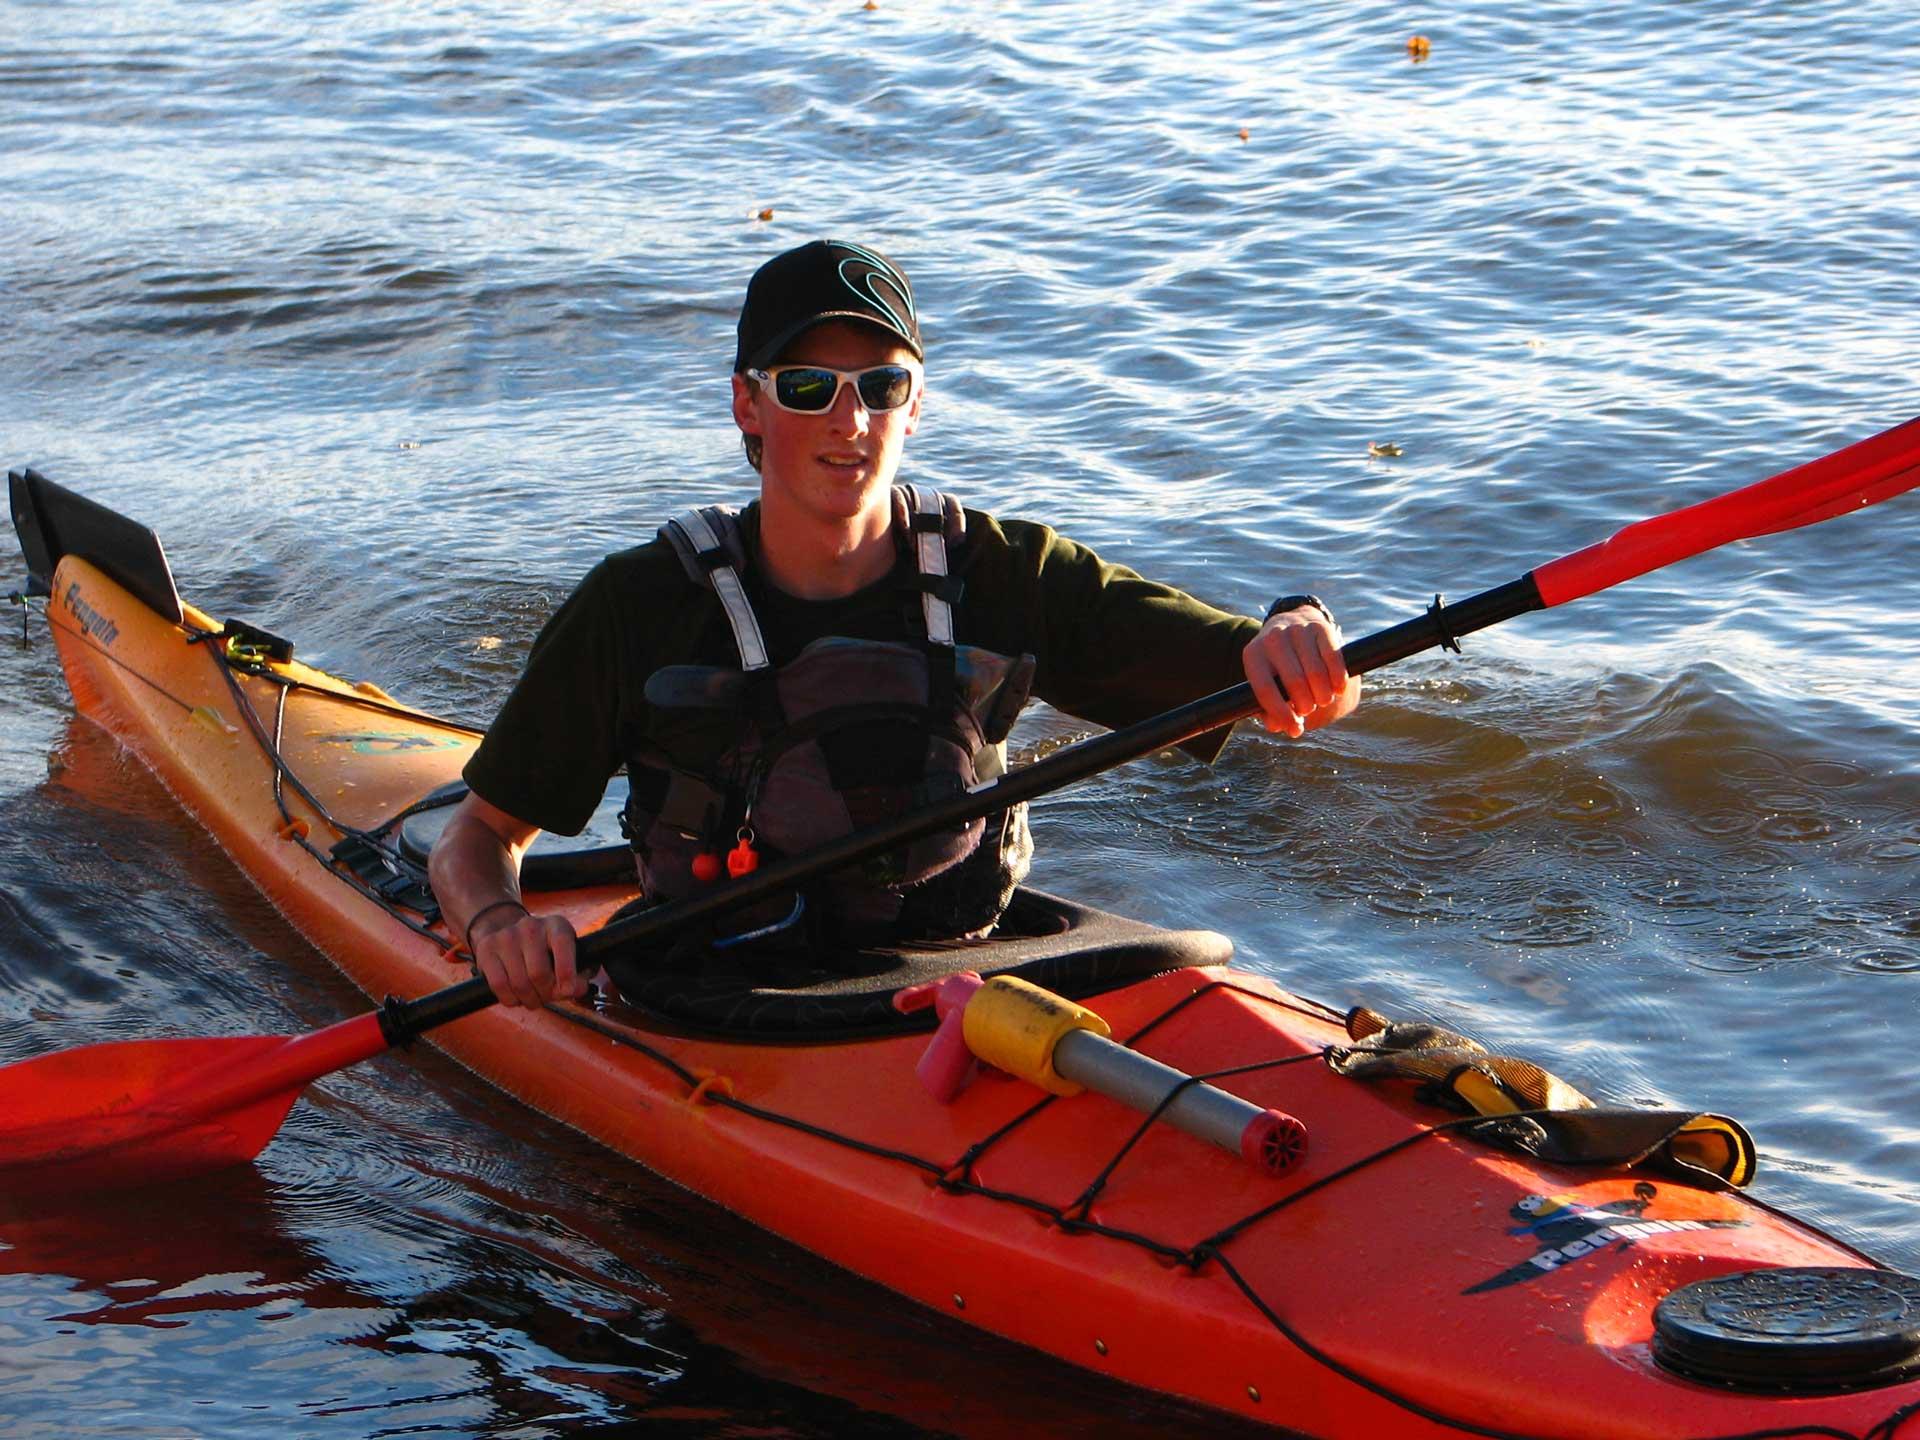 Todd Murray, KJet Boat, Queenstown, Kawarau River, Shotover River, Lake Wakatipu